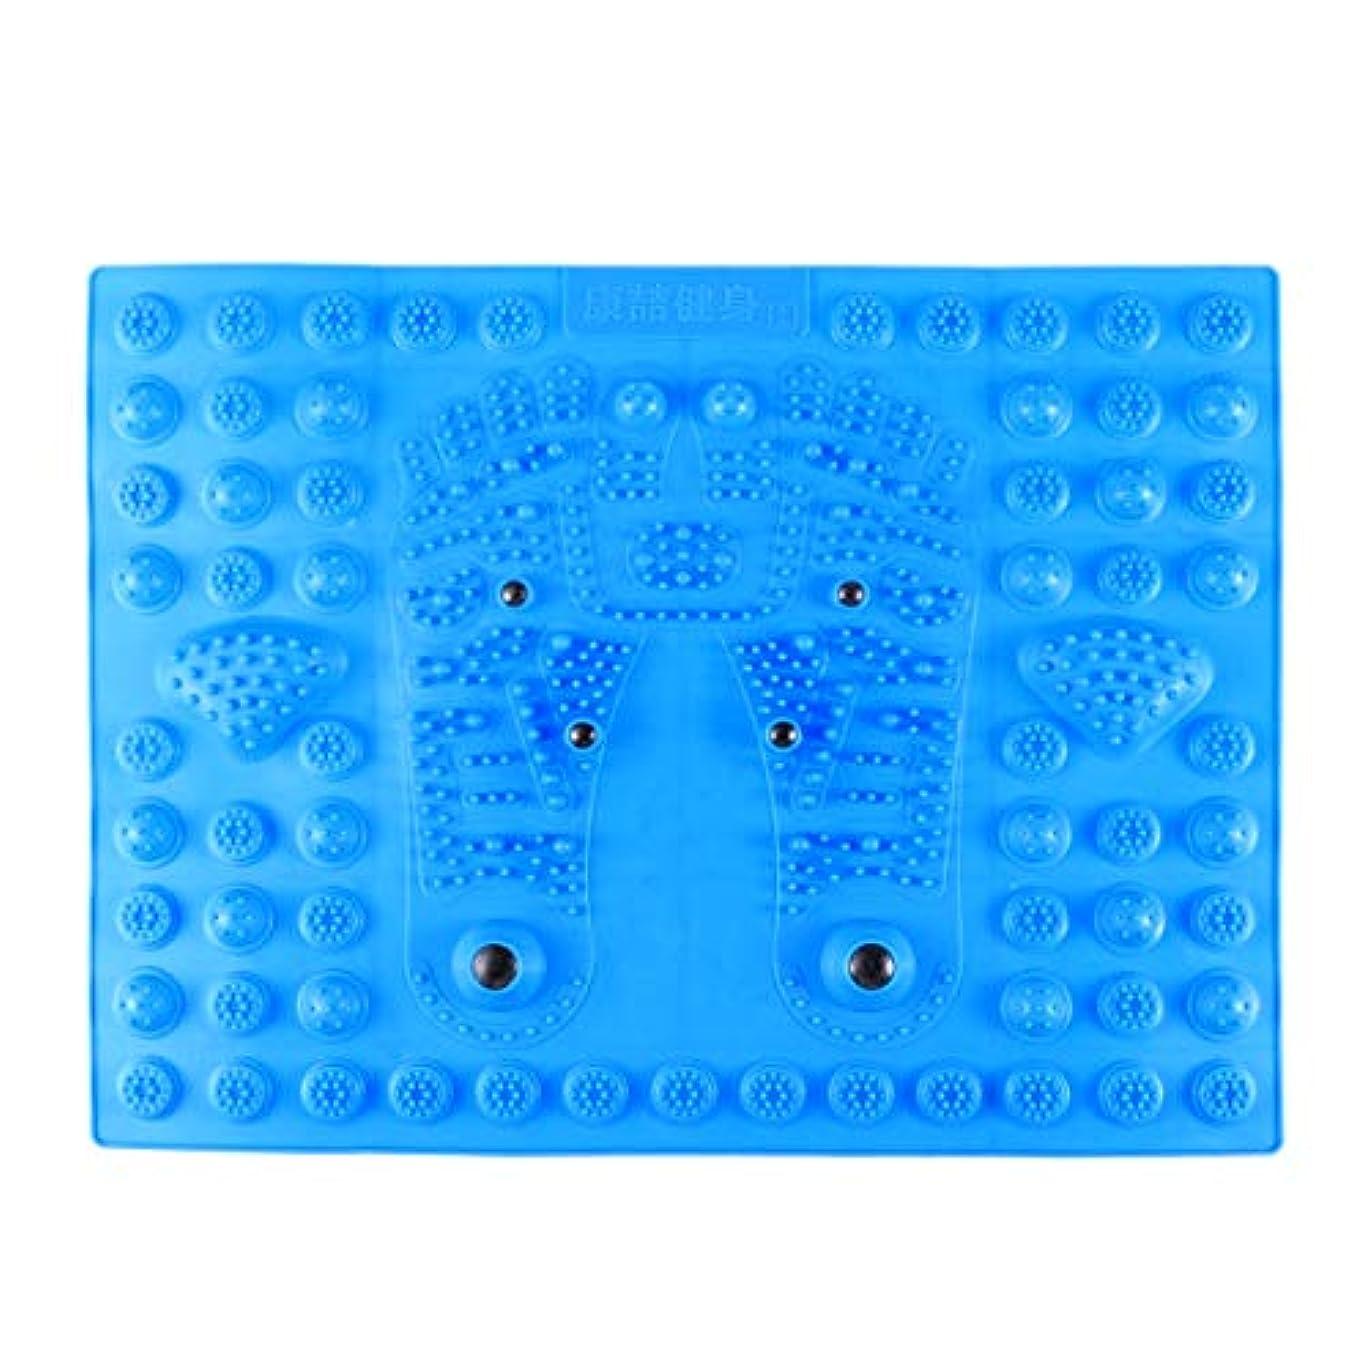 革新採用するクランプHealifty 指圧フットマットフット磁気療法マッサージャーガーデンマッサージパッド(ブルー)